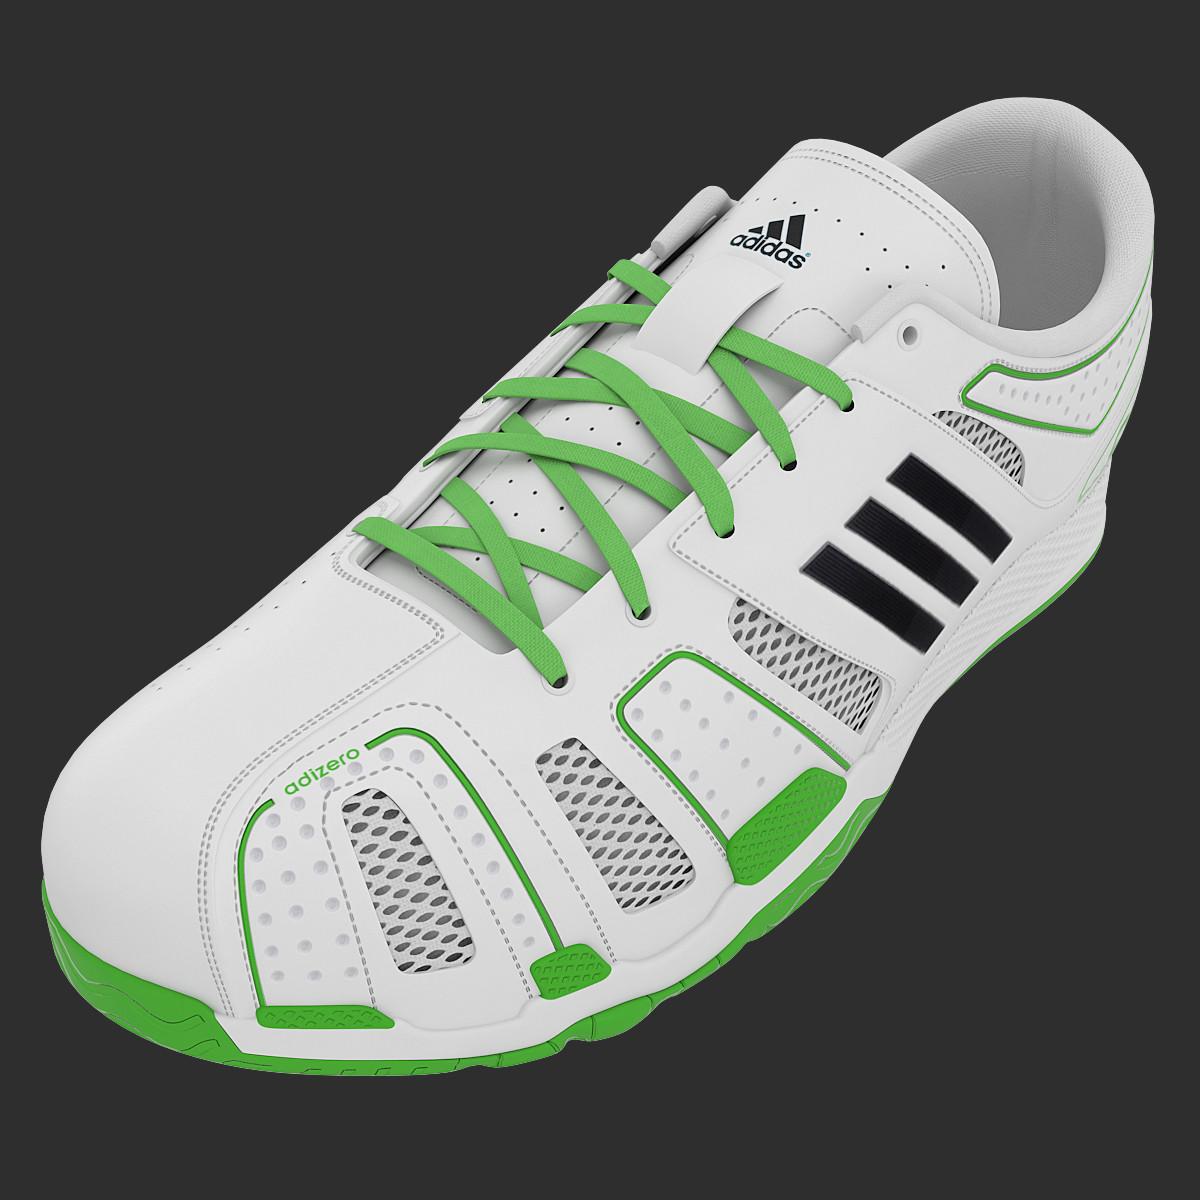 Adidas_CC5_01.jpg